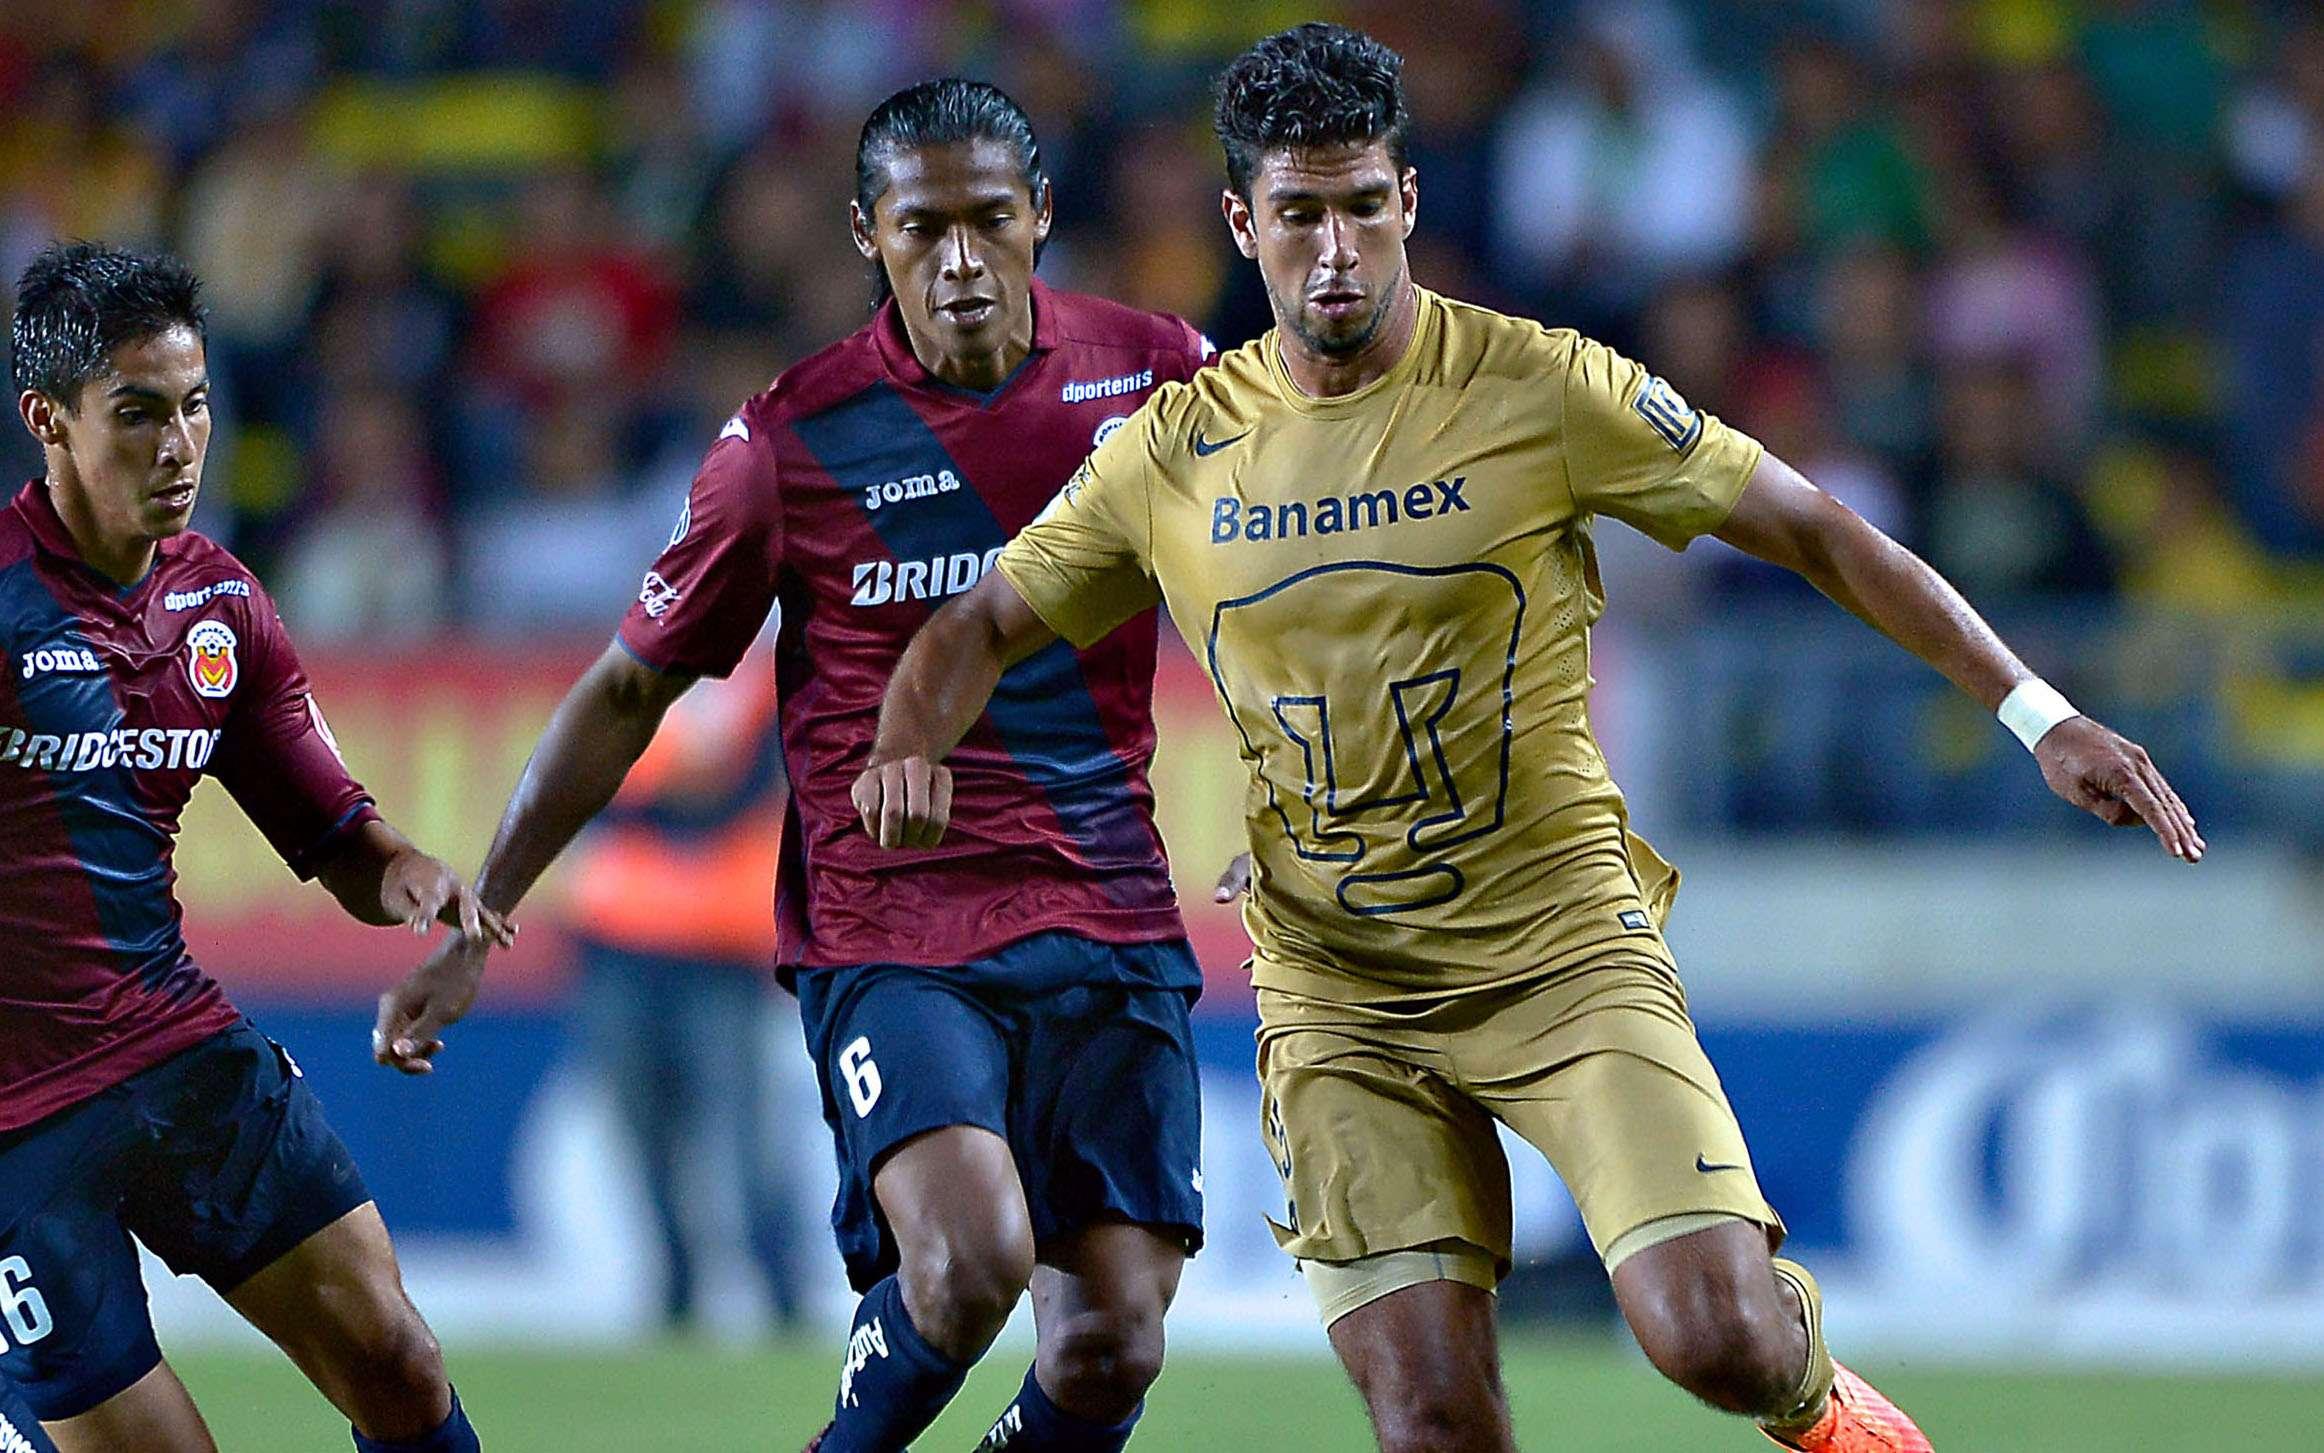 Eduardo Herrera marcó un gol en el último enfrentamiento entre Pumas y Monarcas Morelia, en el que los felinos ganaron 3-2 en el Morelos. Foto: Mexsport